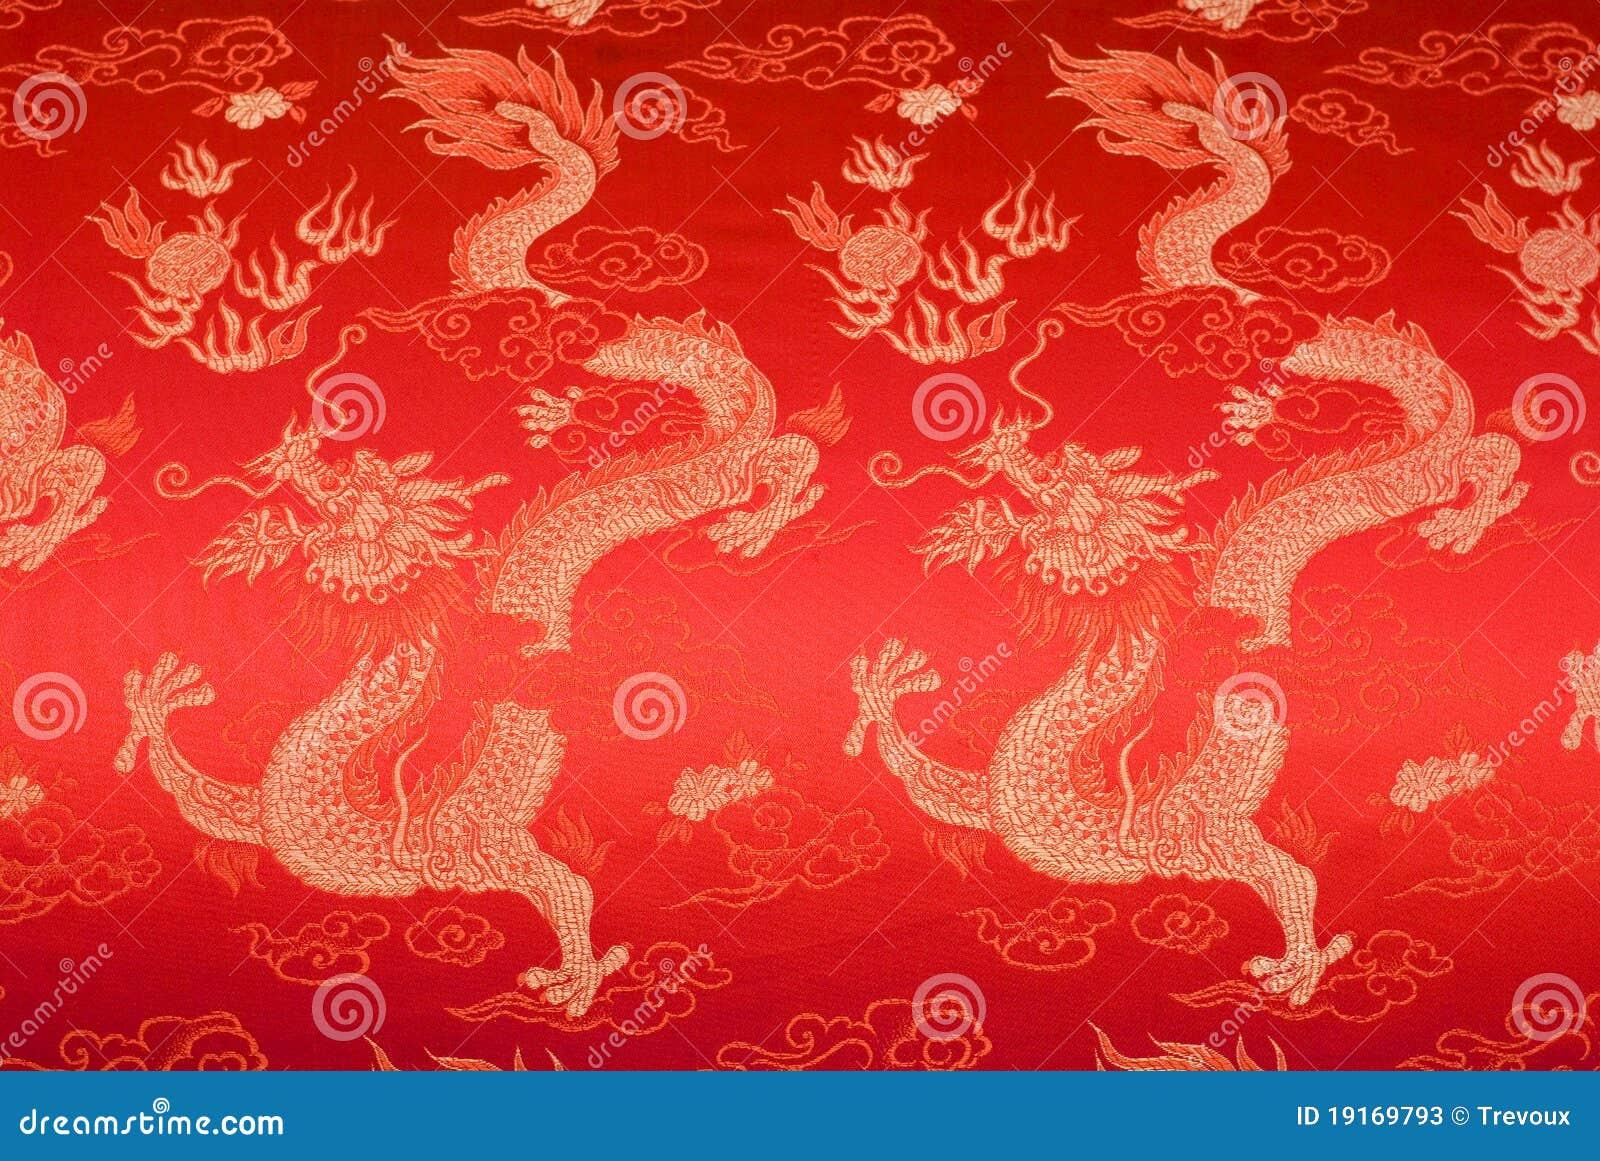 rote chinesische seide mit goldenen drachen und blumen. Black Bedroom Furniture Sets. Home Design Ideas